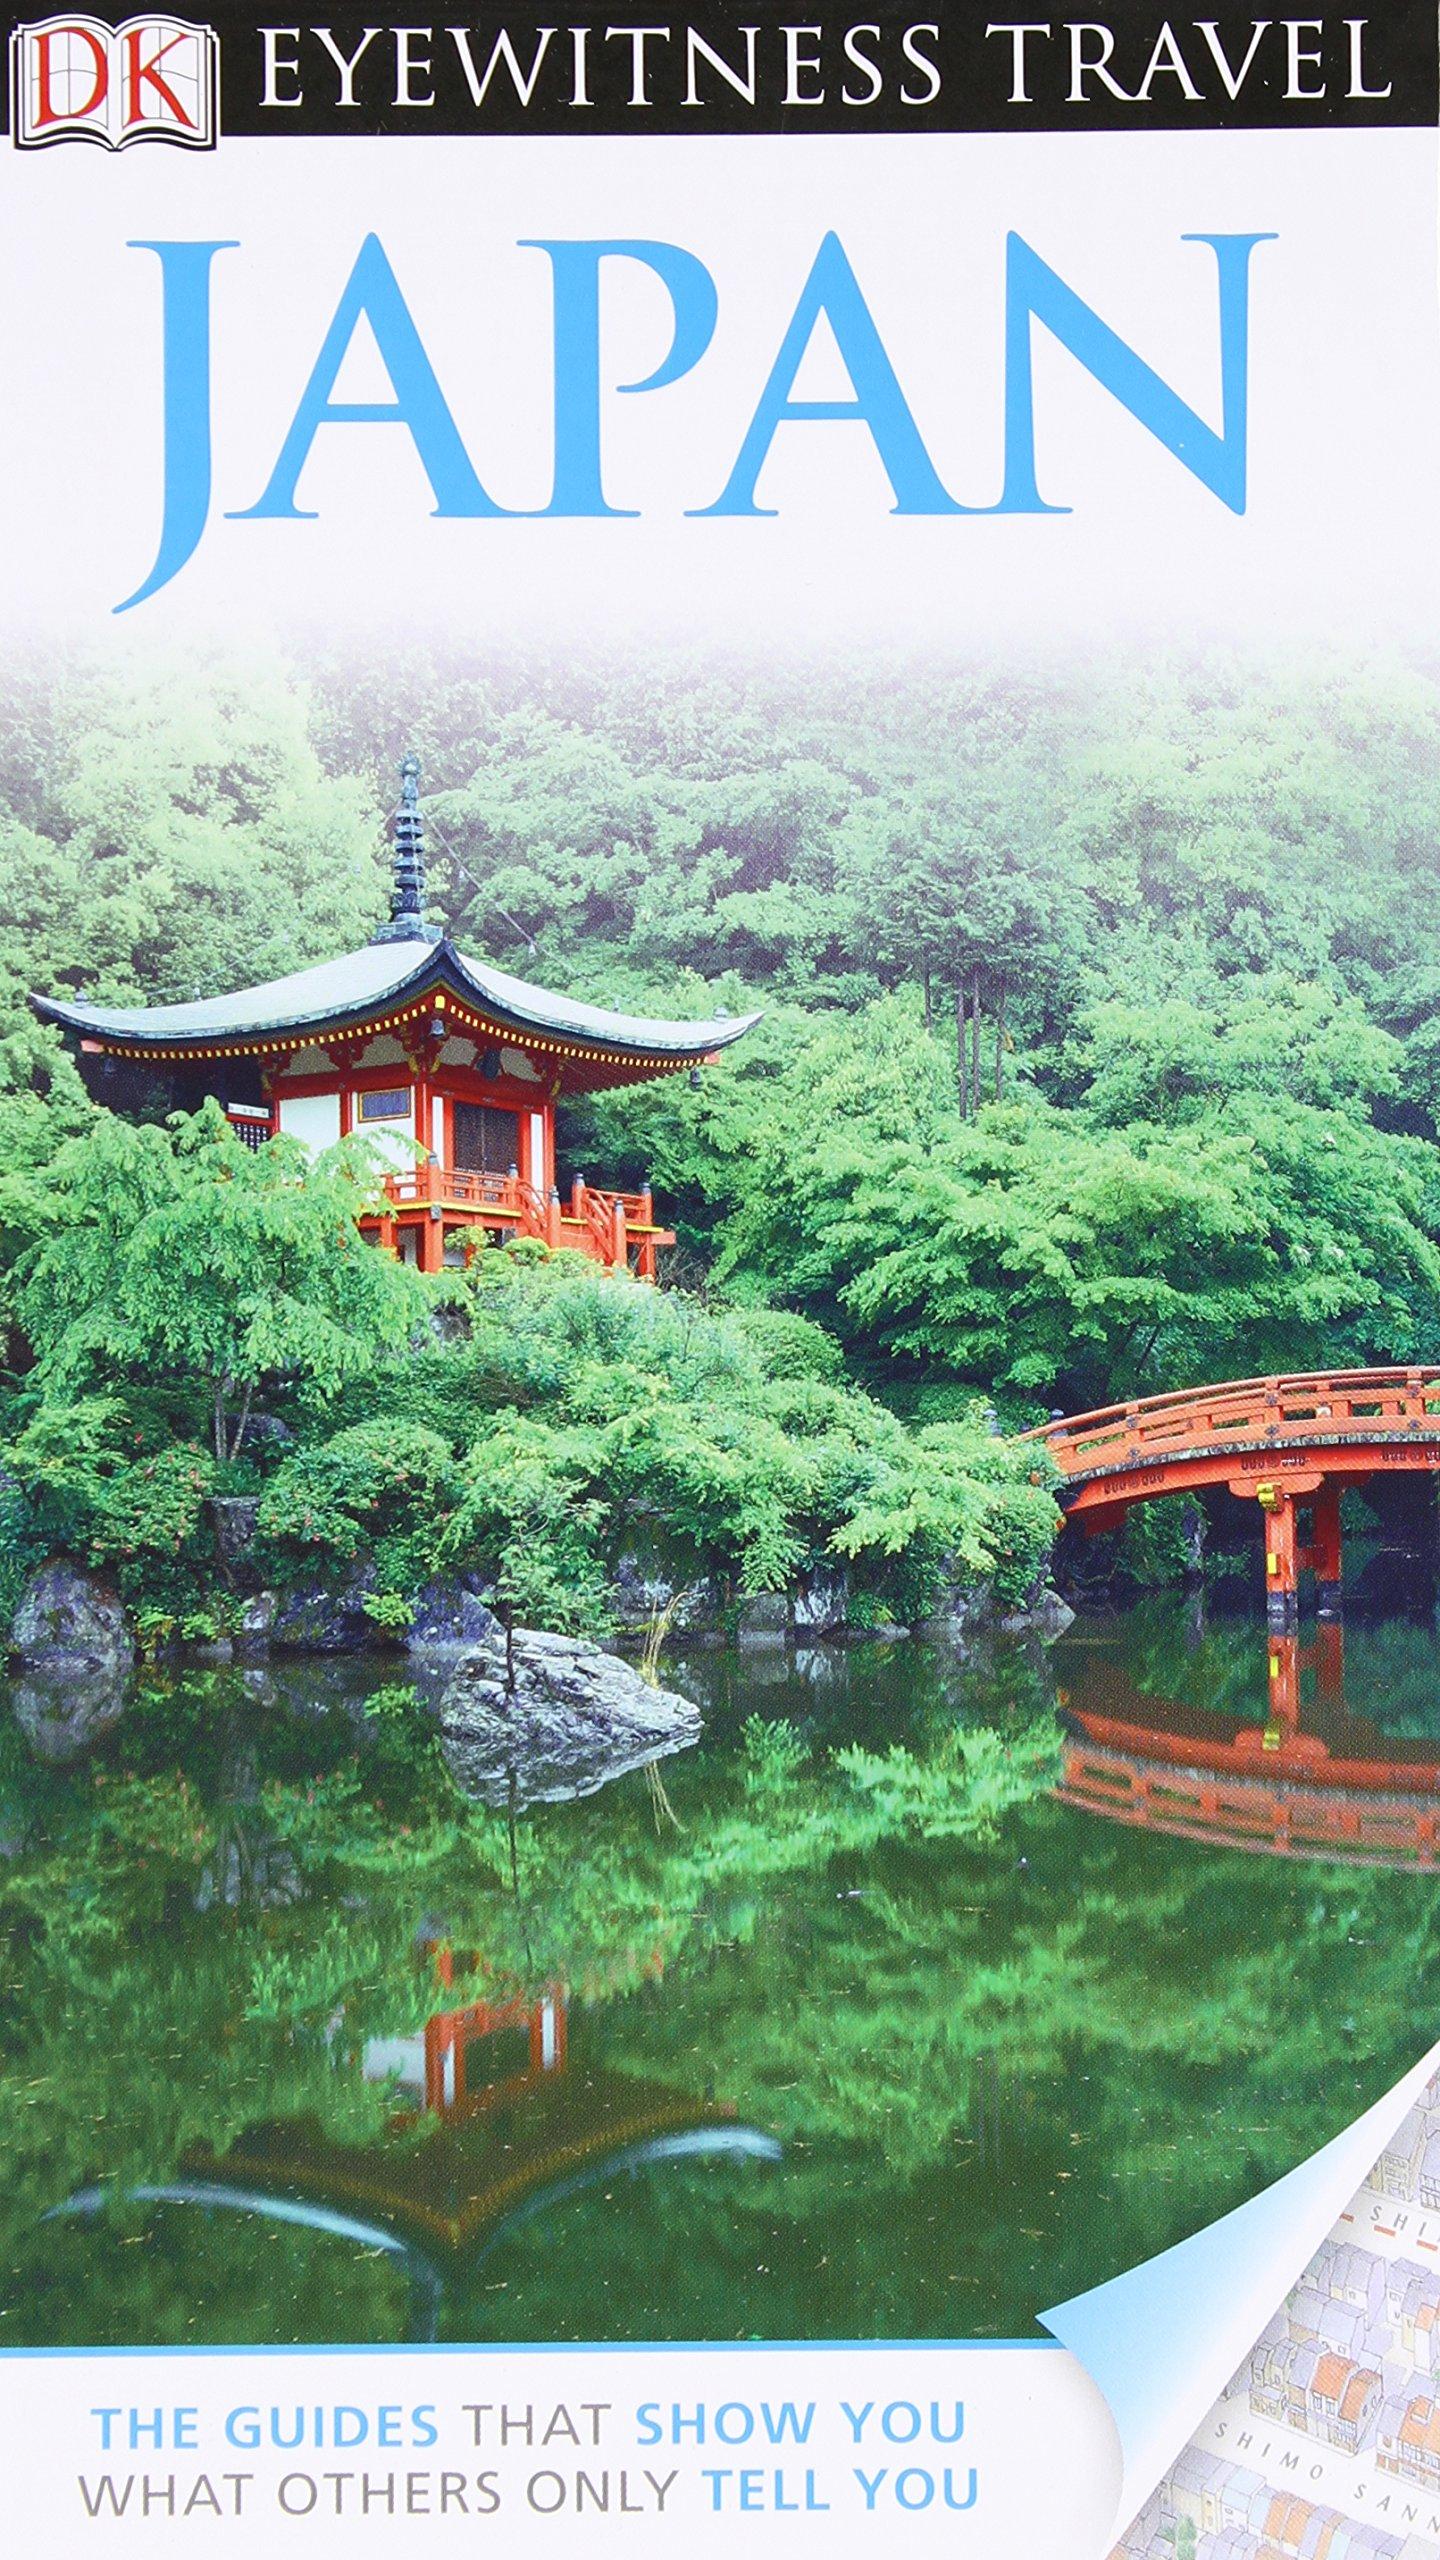 dk eyewitness travel guide japan john benson 9780756694739